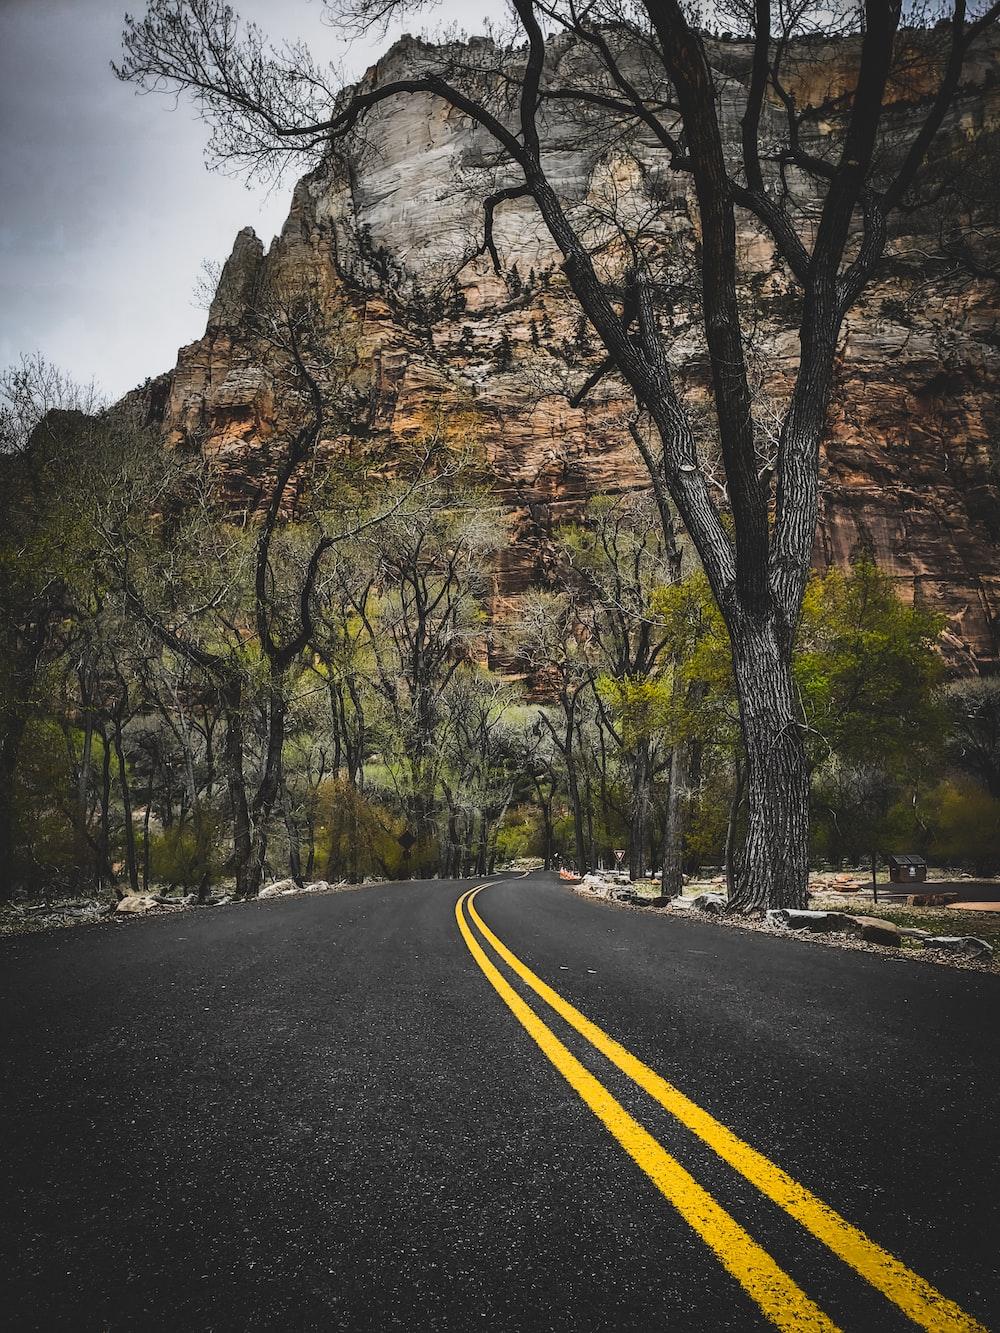 gray road near bare trees